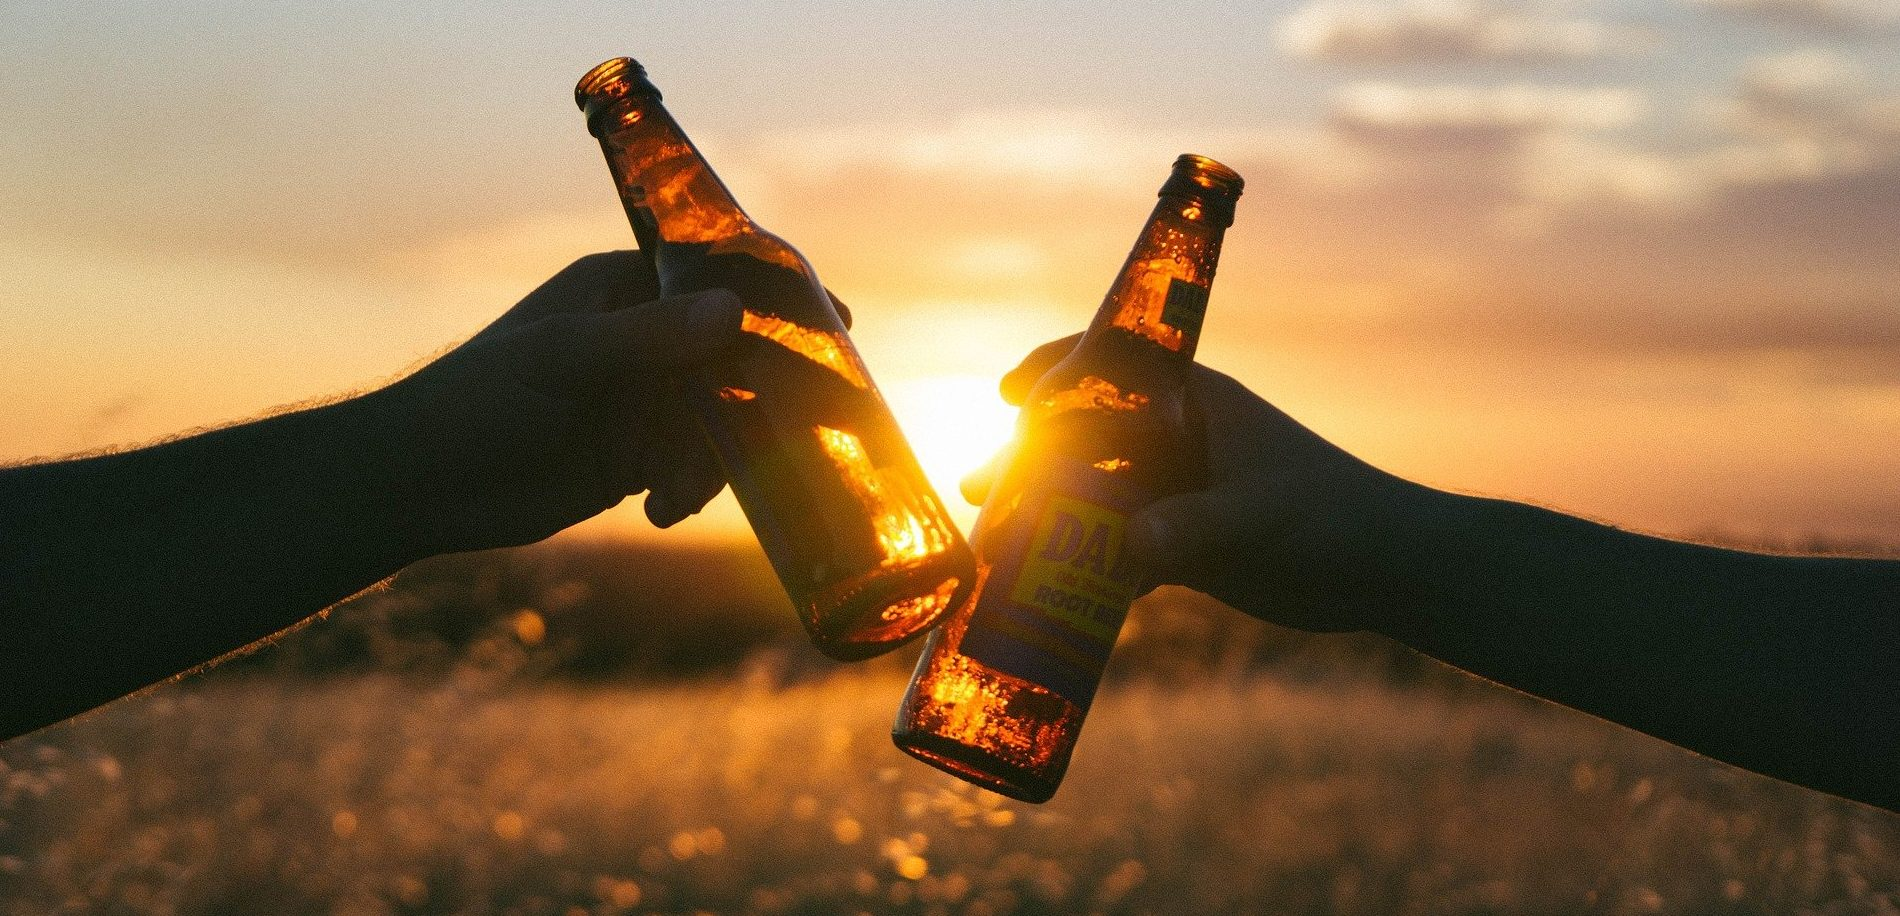 Bière sans gluten, comment la consommer, allergie bière gluten